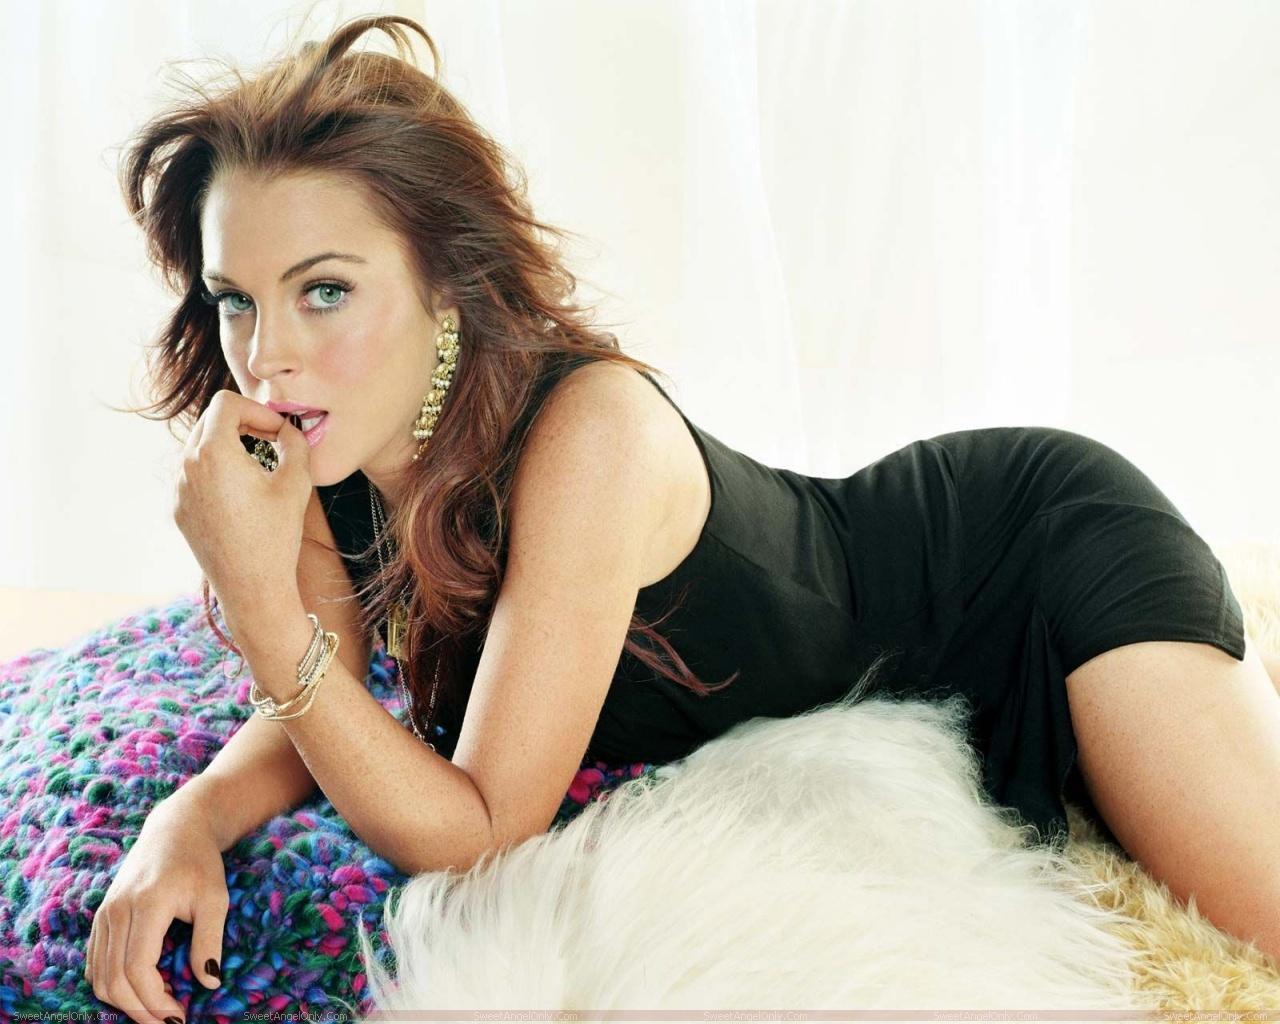 http://4.bp.blogspot.com/-MAiCzOcBZWM/TYcCXTWtlVI/AAAAAAAAFvs/lQtxN5gvhyw/s1600/lindsay_lohan_hollywood_hot_actress_wallpaper_sweetangelonly_27.jpg